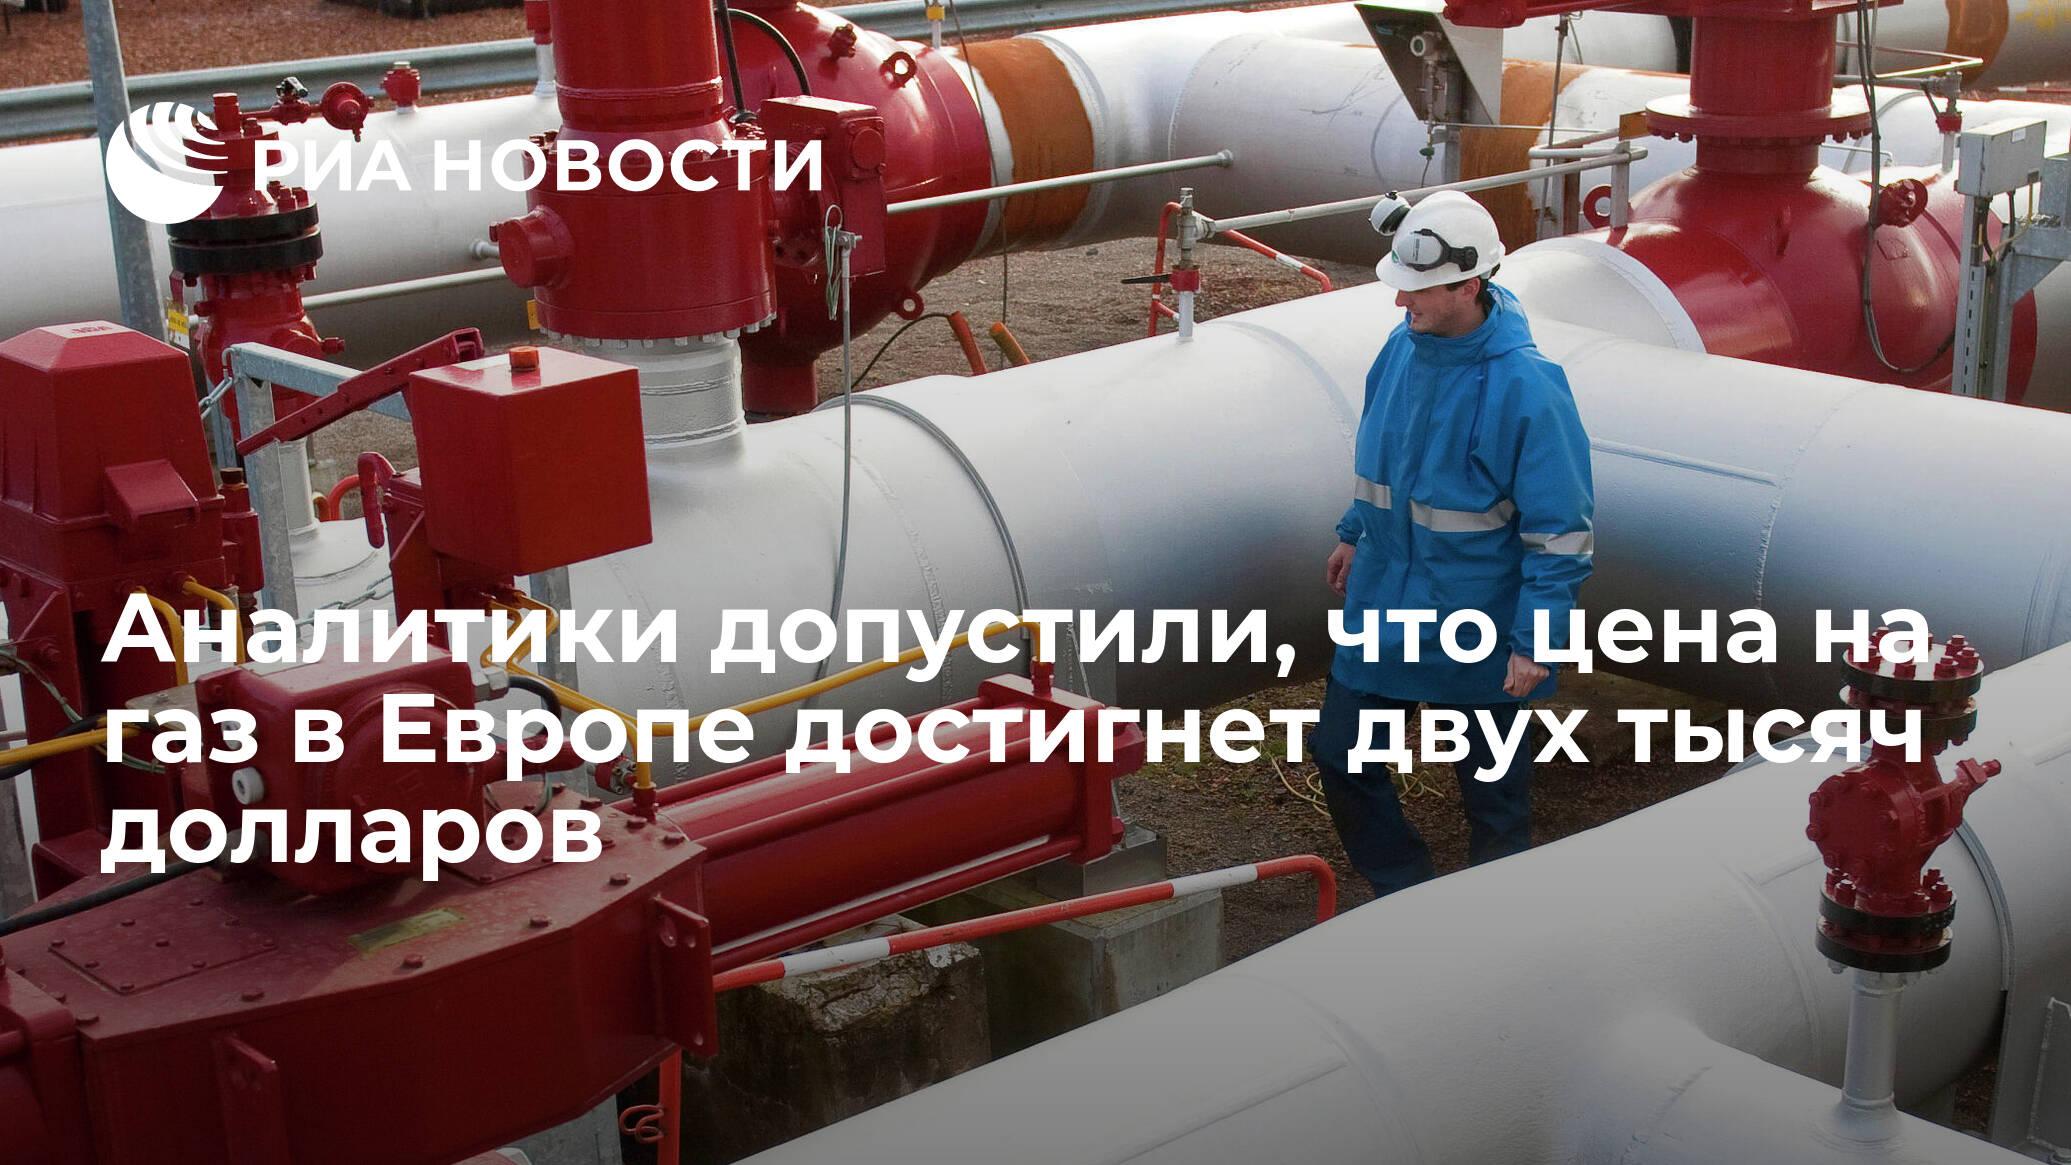 Аналитики допустили, что цена на газ в Европе достигнет двух тысяч долларов